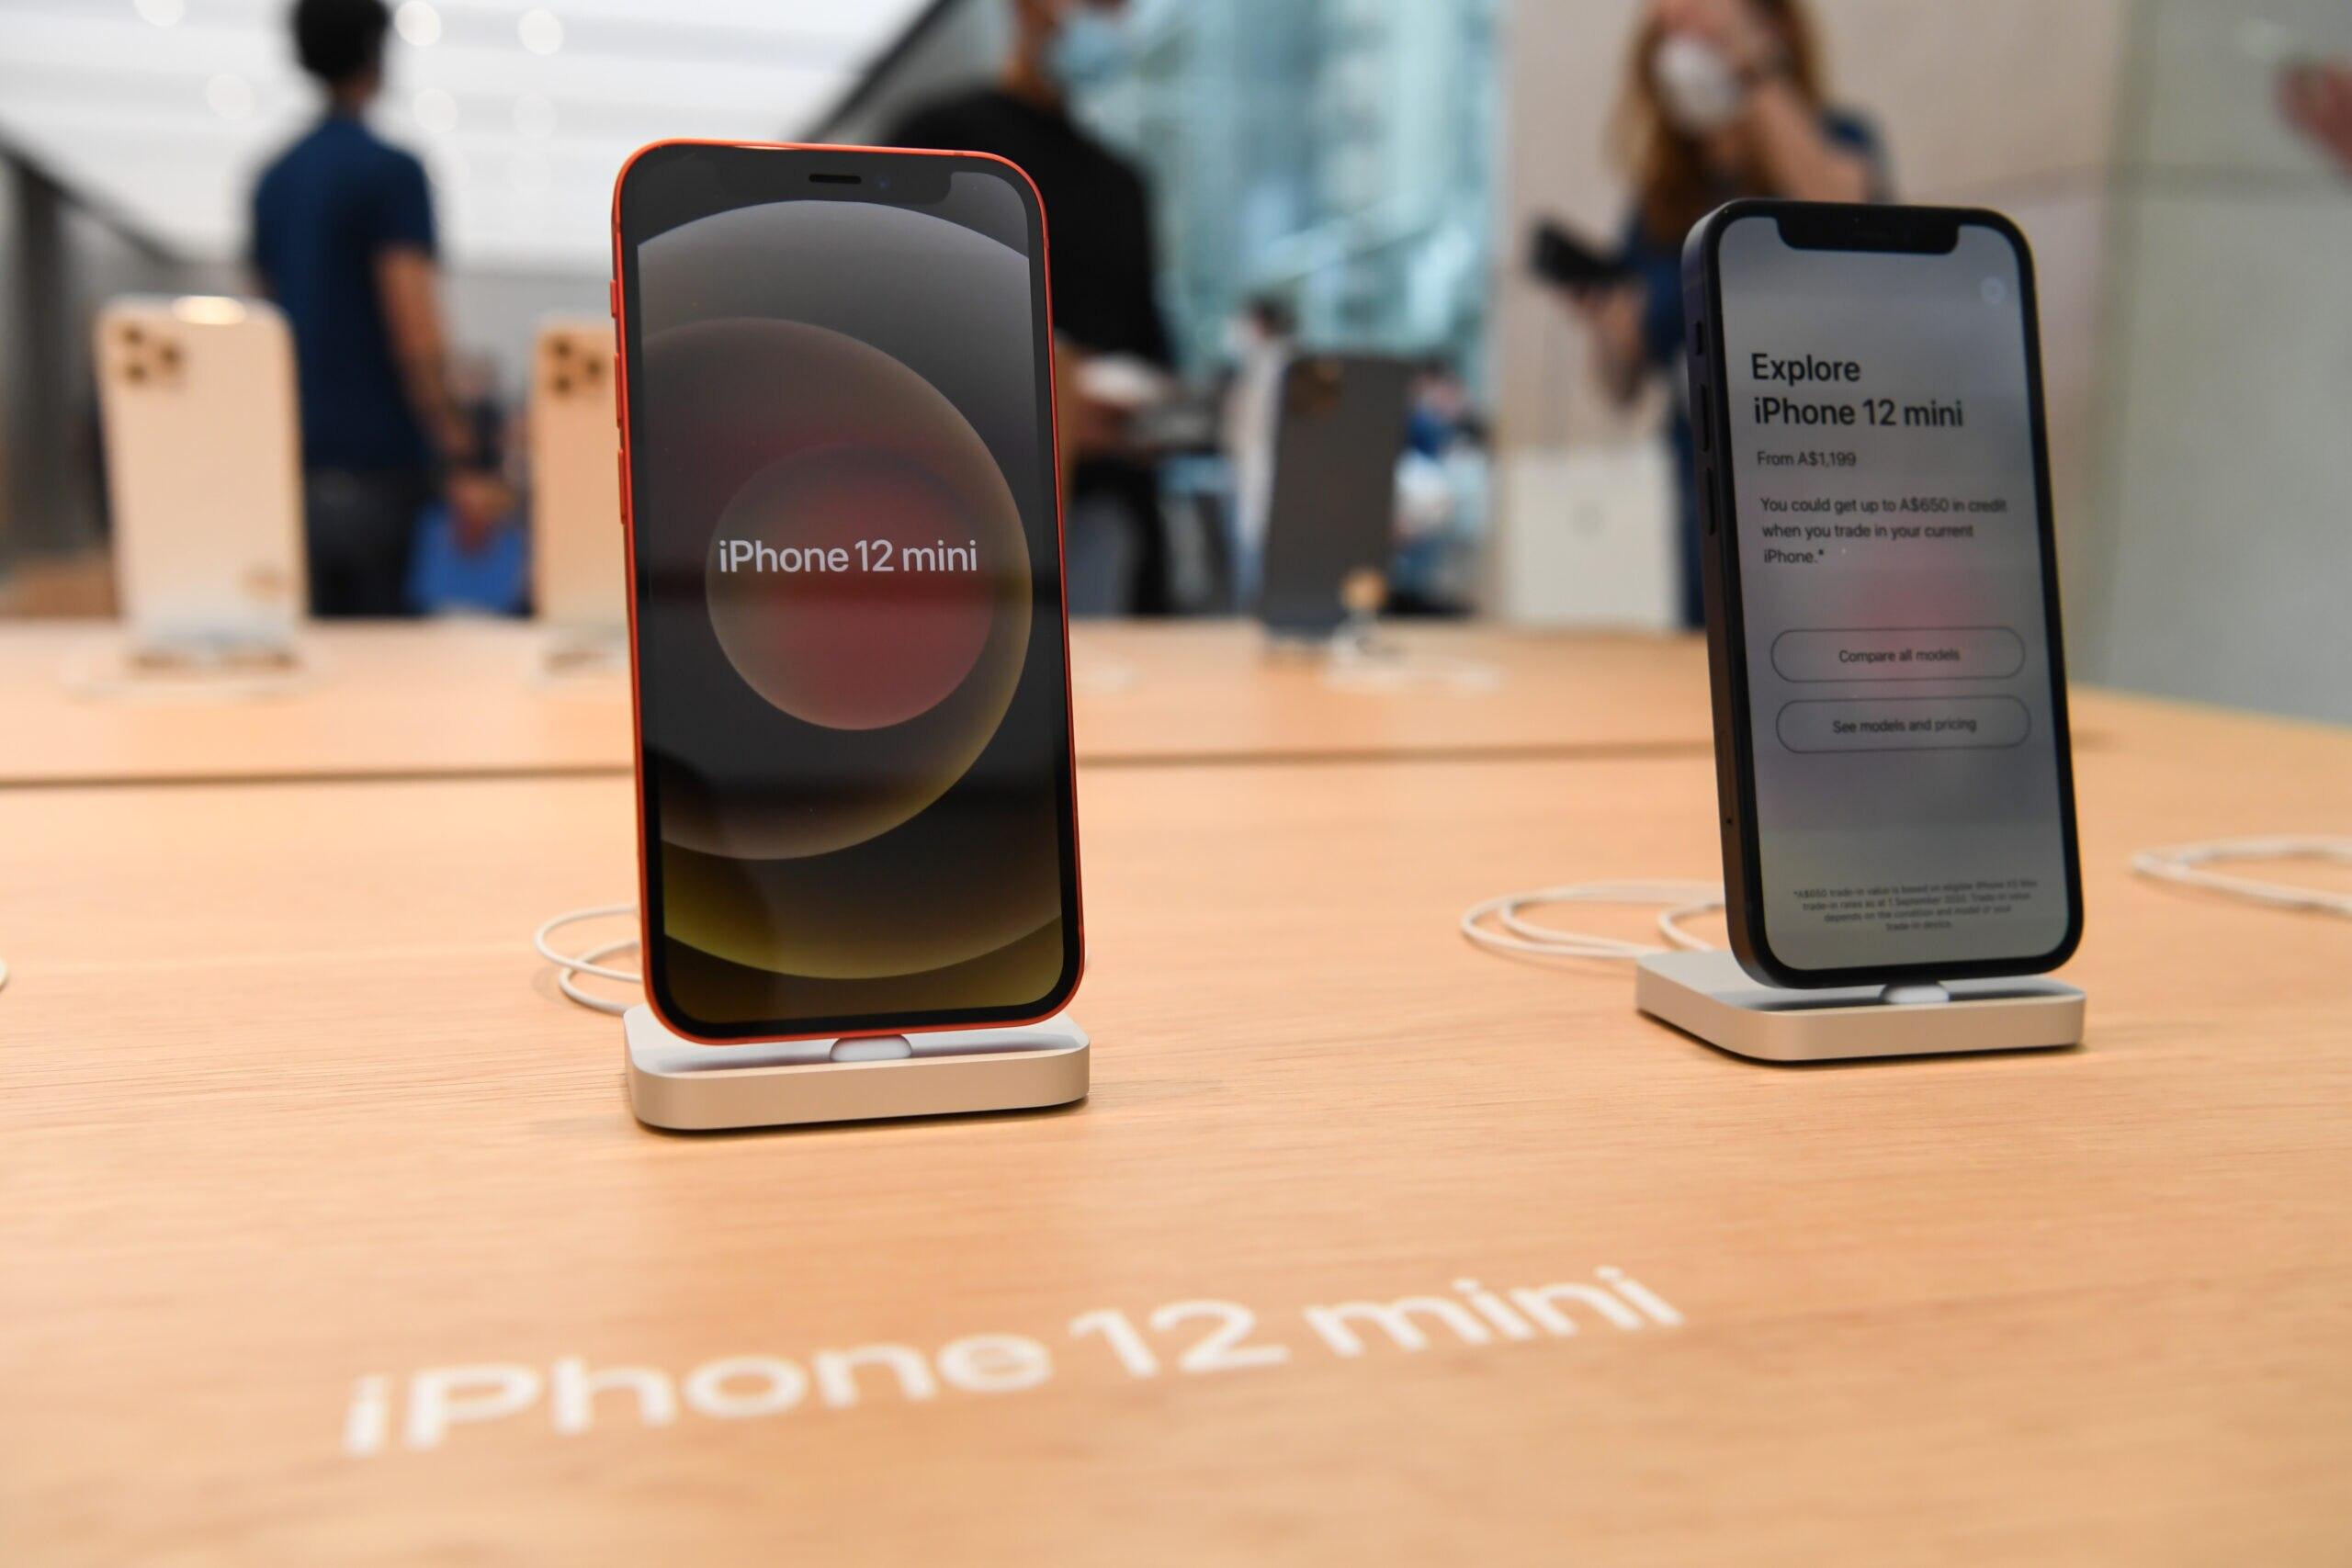 Stellt Apple die Produktion des iPhone 12 mini ein? - TECHBOOK